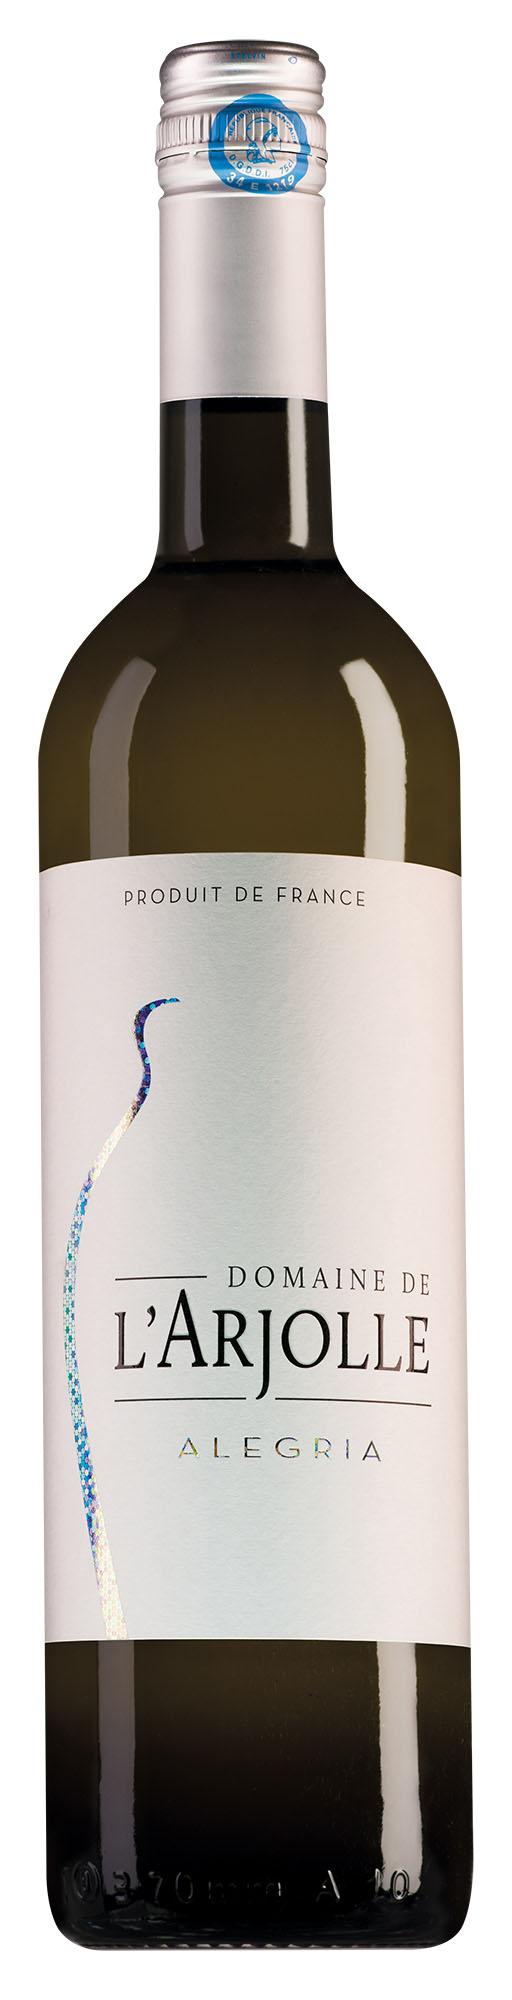 Domaine de l'Arjolle Côtes de Thongue Alegria